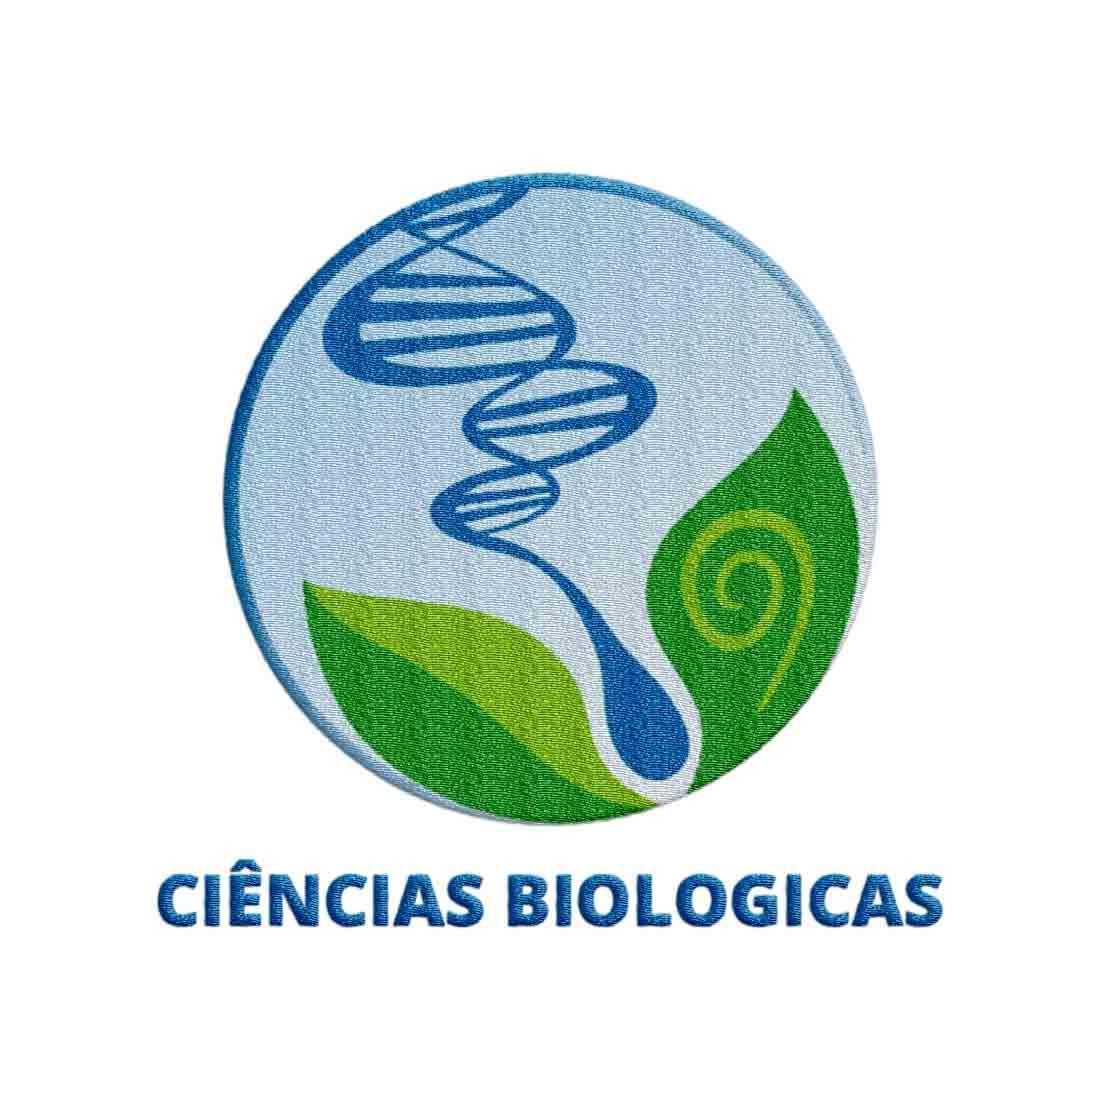 sÍmbolo do curso de ciencias biolÓgicas bordado visan uniformsÍmbolo do curso de ciencias biolÓgicas bordado